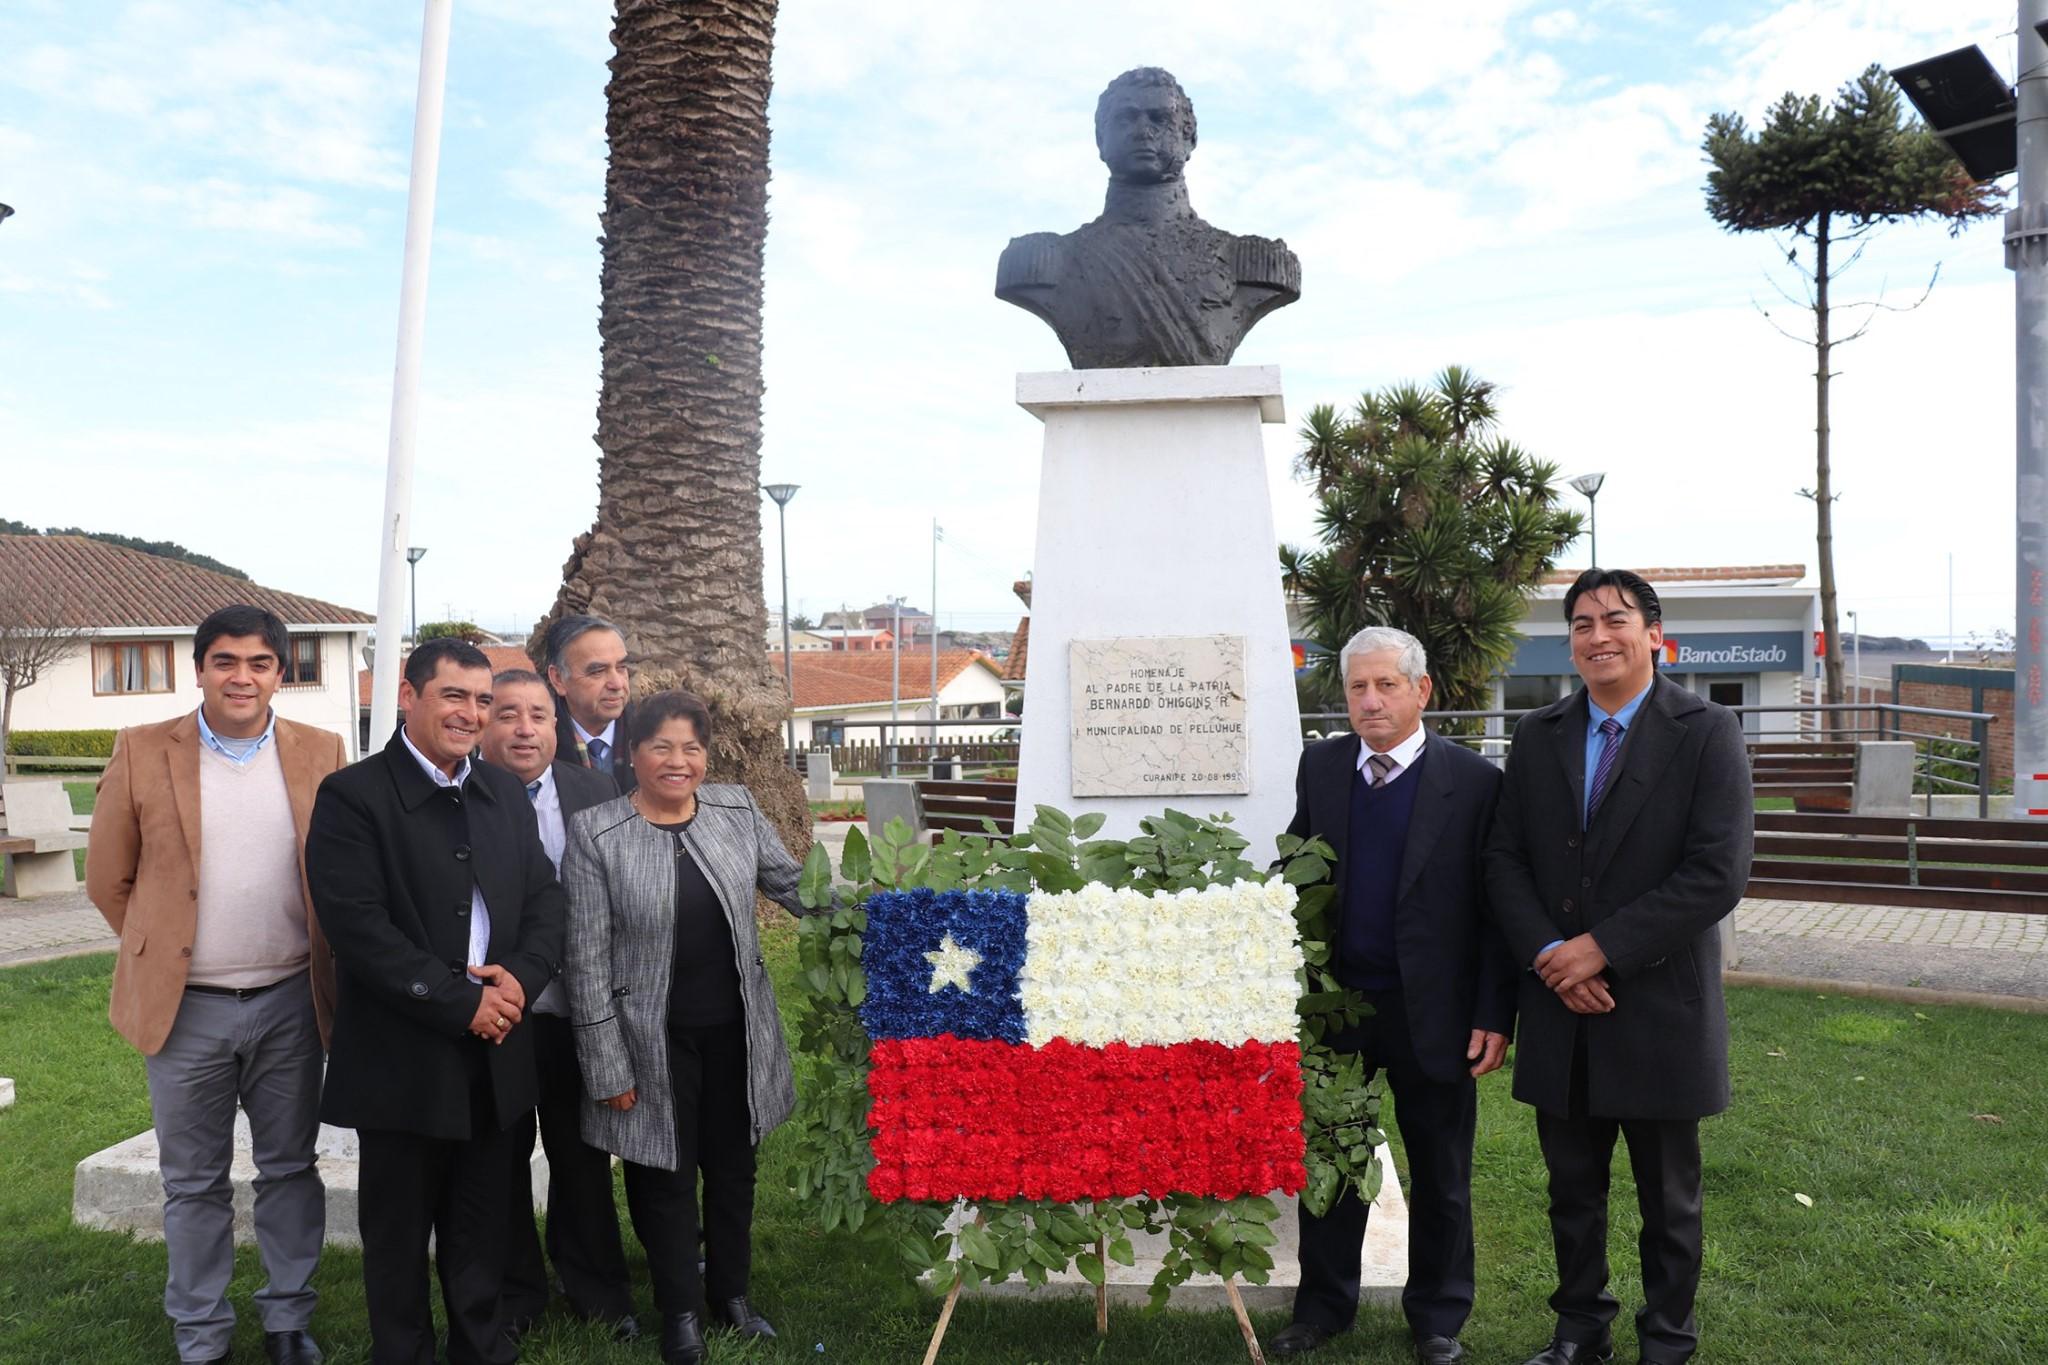 ACTO CONMEMORATIVO NATALICIO DE DON BERNARDO O'HIGGINS EN CURANIPE Y PELLUHUE.